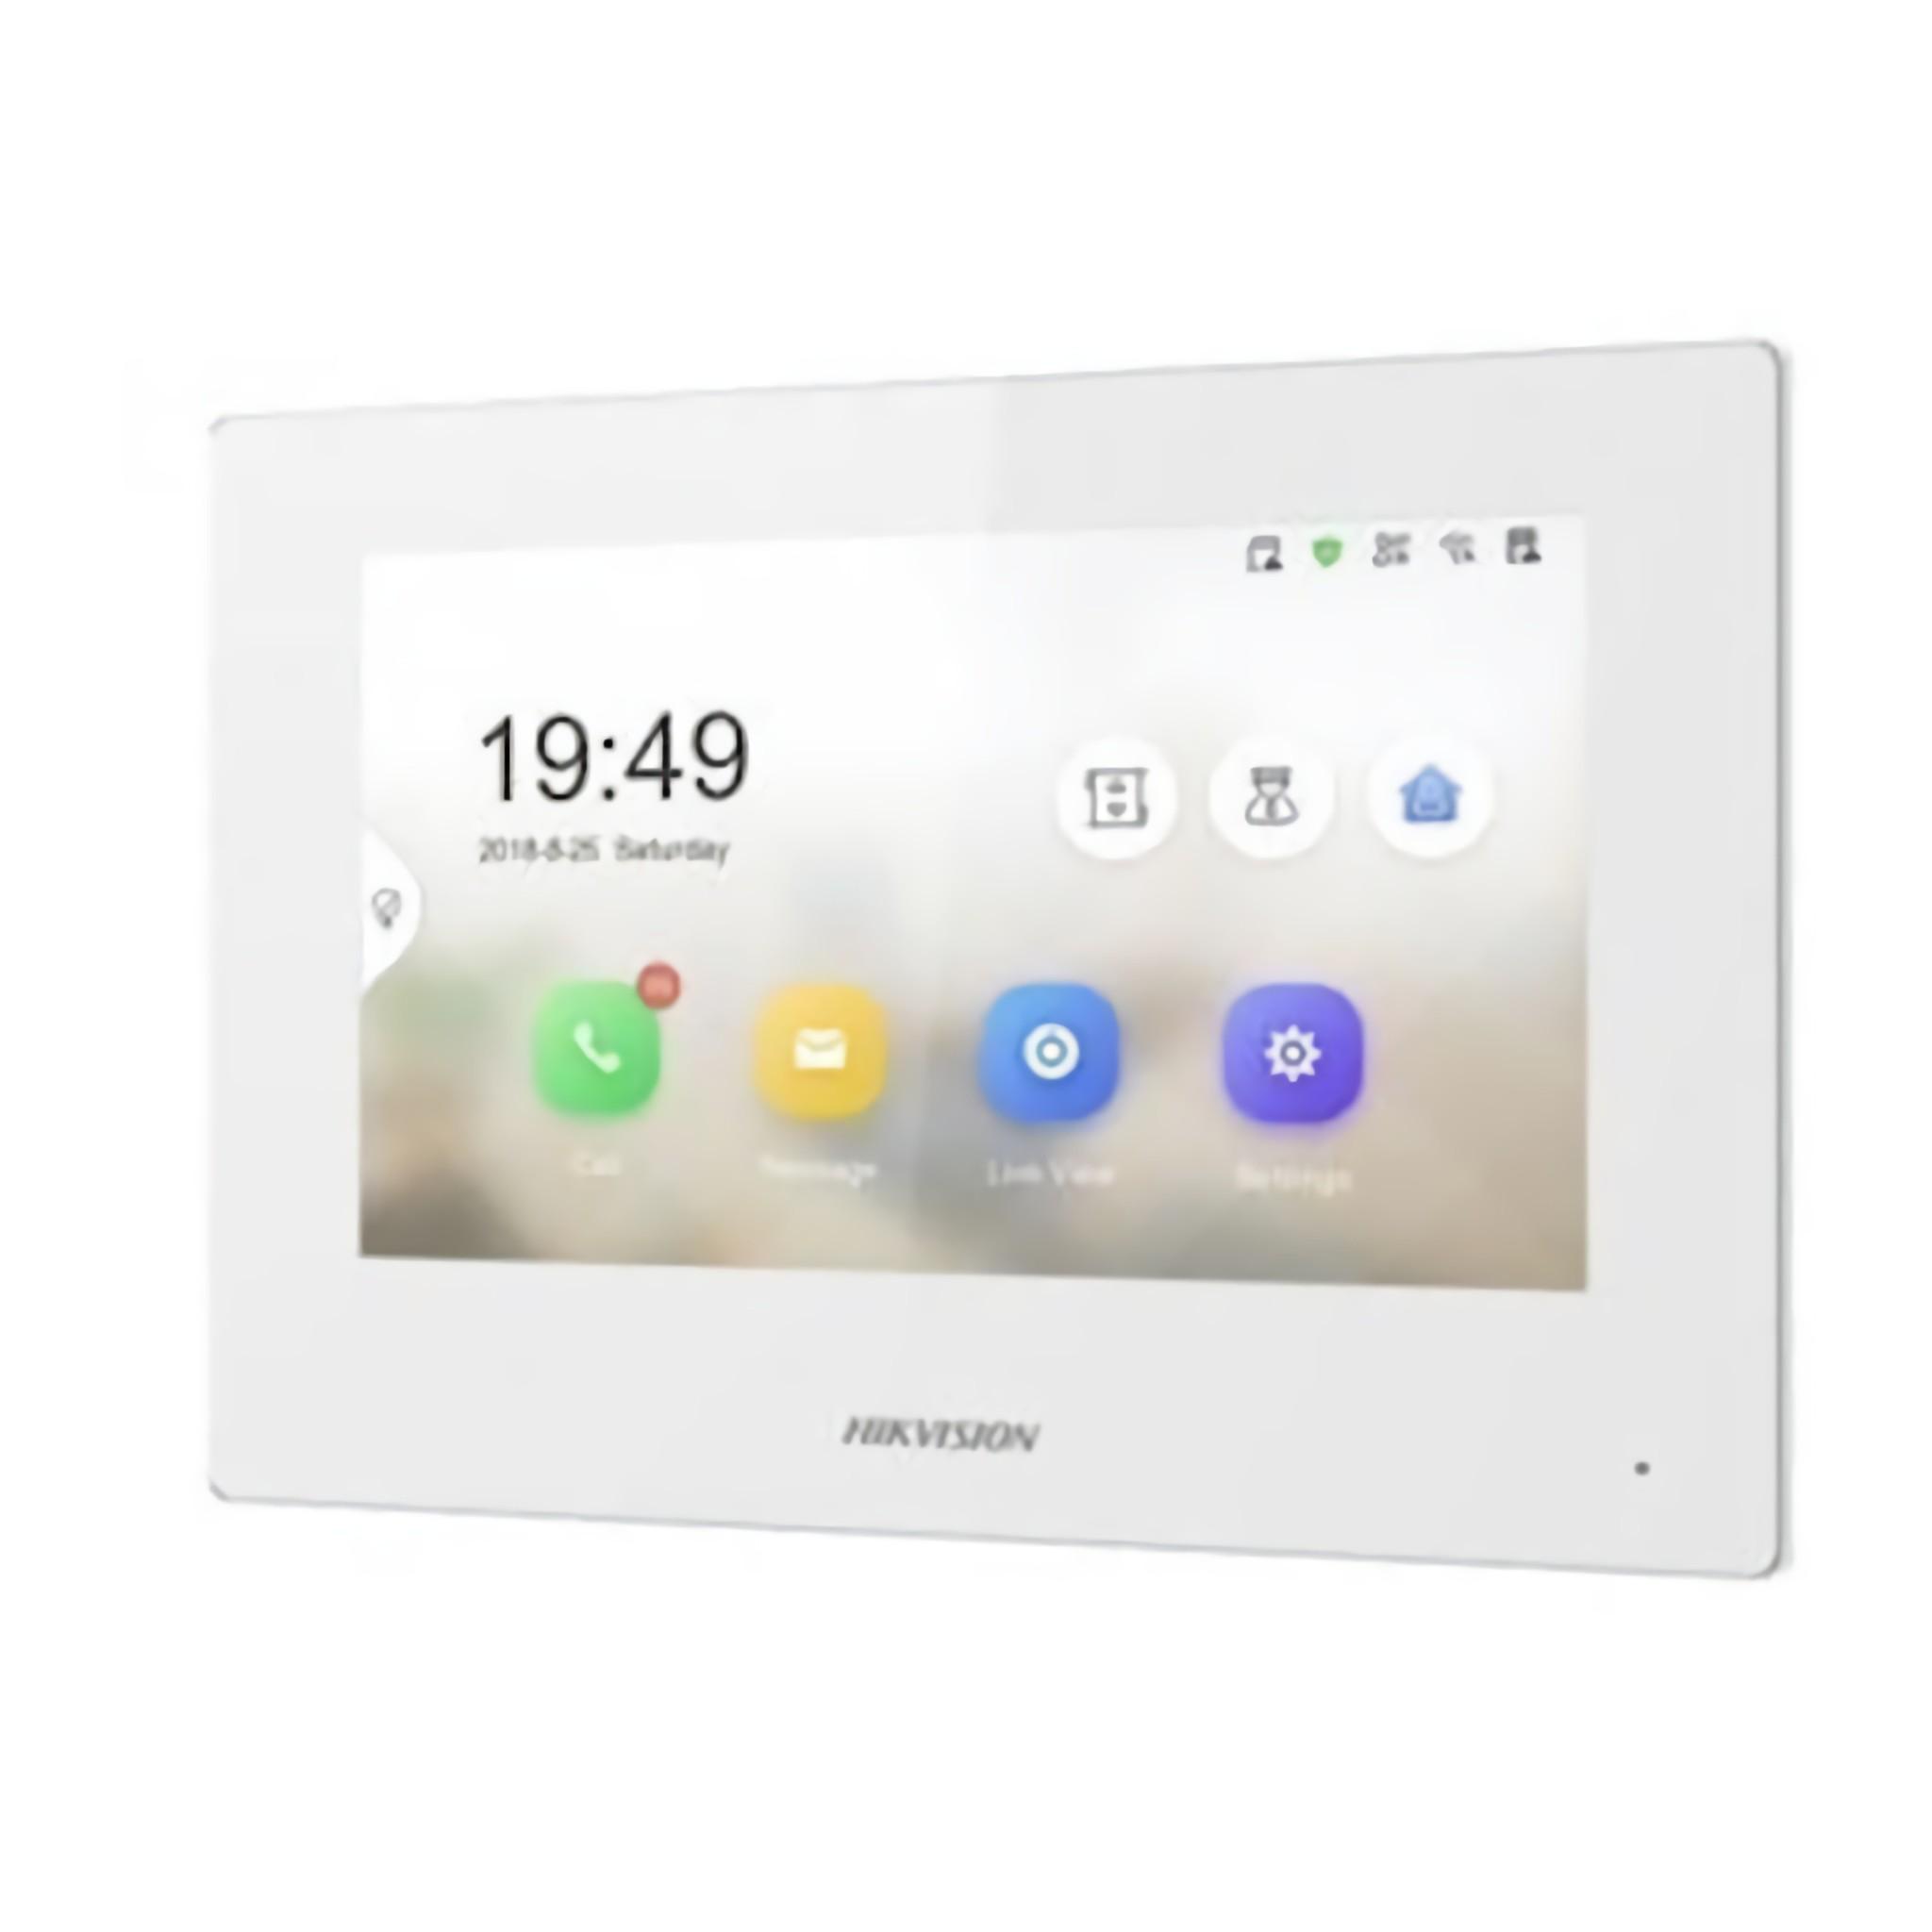 Die Innenstation DS-KH6320-WTE2 White ist speziell für die neue 2-Draht-Intercom-Lösung von Hikvision vorgesehen. Ein neues Design mit einem kapazitiven 7-Zoll-Touchpanel mit integriertem Mikrofon und Lautsprecher.